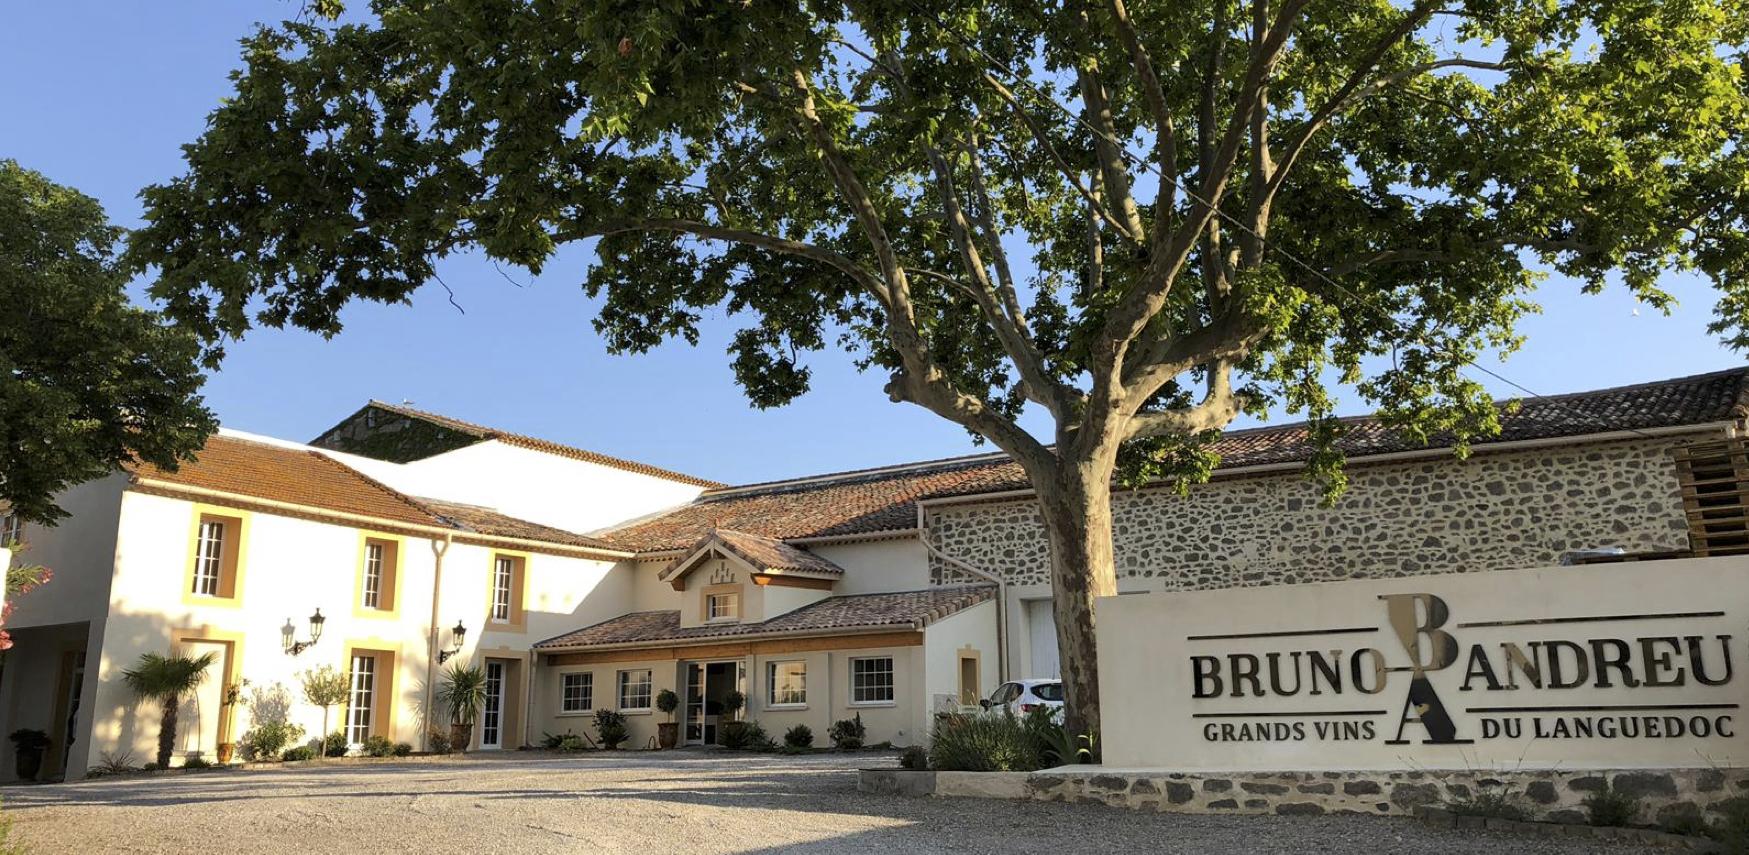 Bruno Andreu Grand Vins du Languedoc